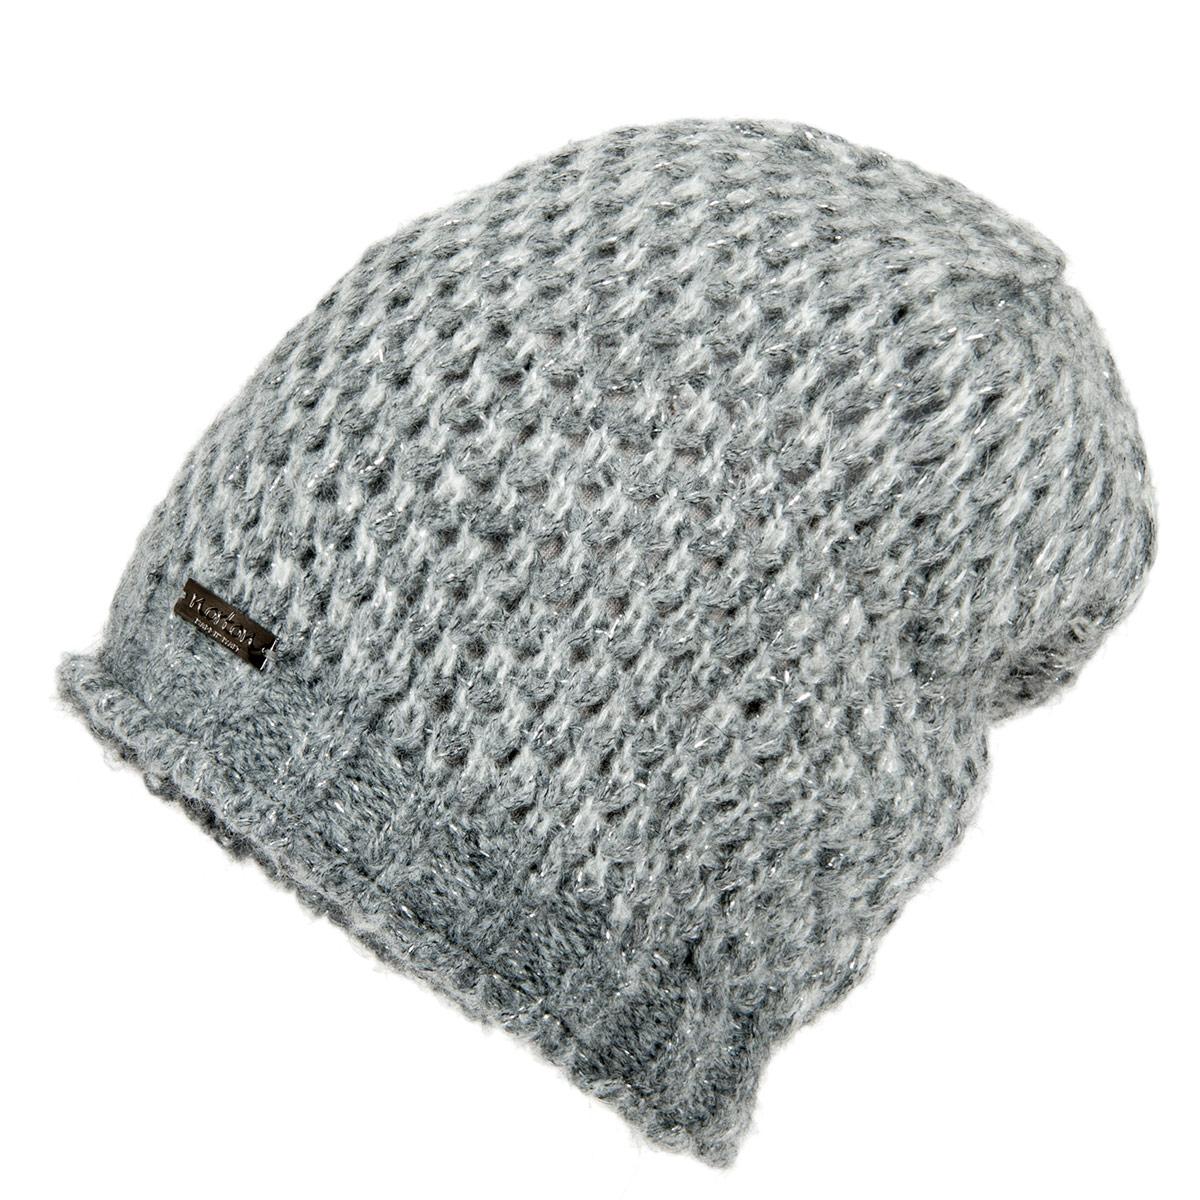 berretto rasta molto caldo con fodera prodotto in Italia firmato NORTON a28ebd23b543